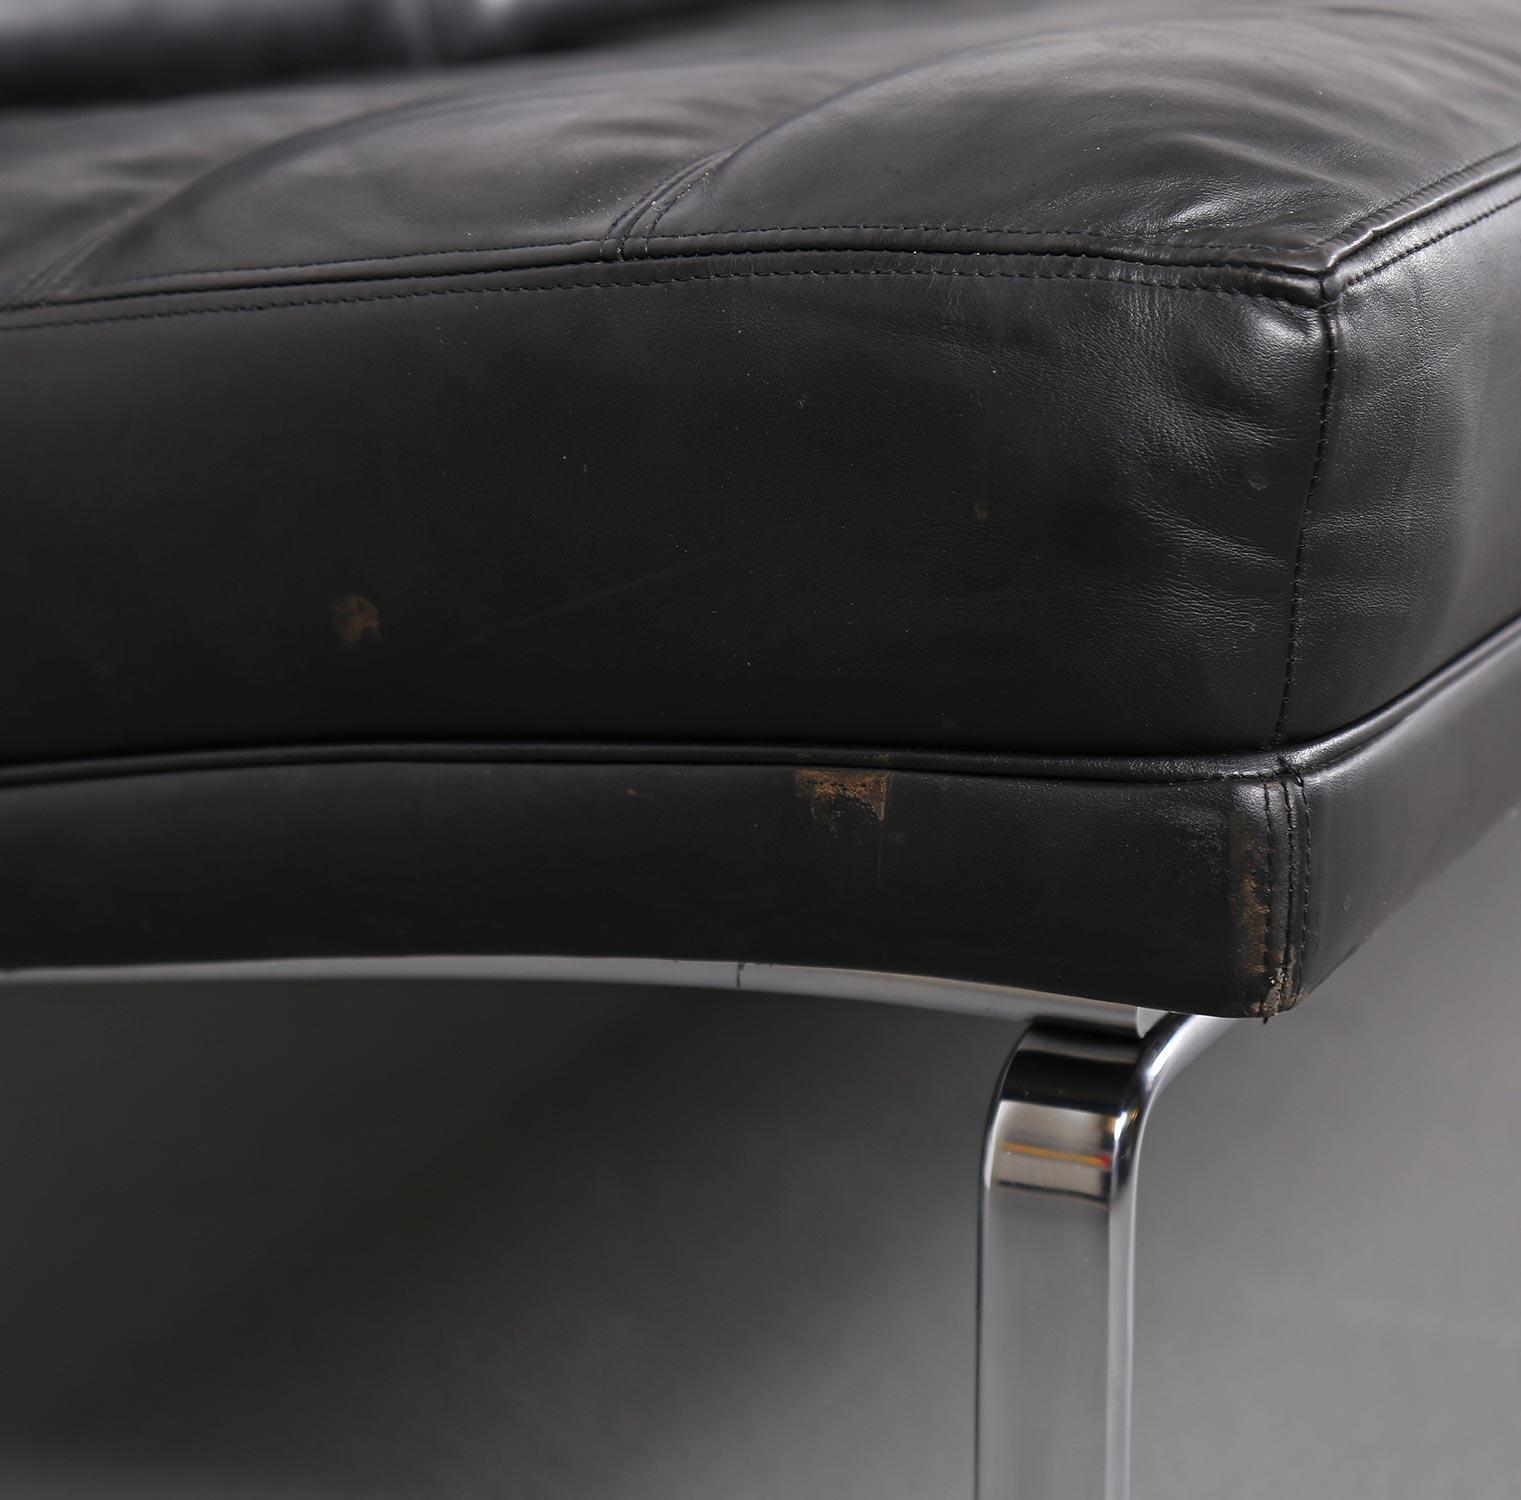 kill international horst bruening sofa ledersofa kastholm designklassiker knoll black leather. Black Bedroom Furniture Sets. Home Design Ideas